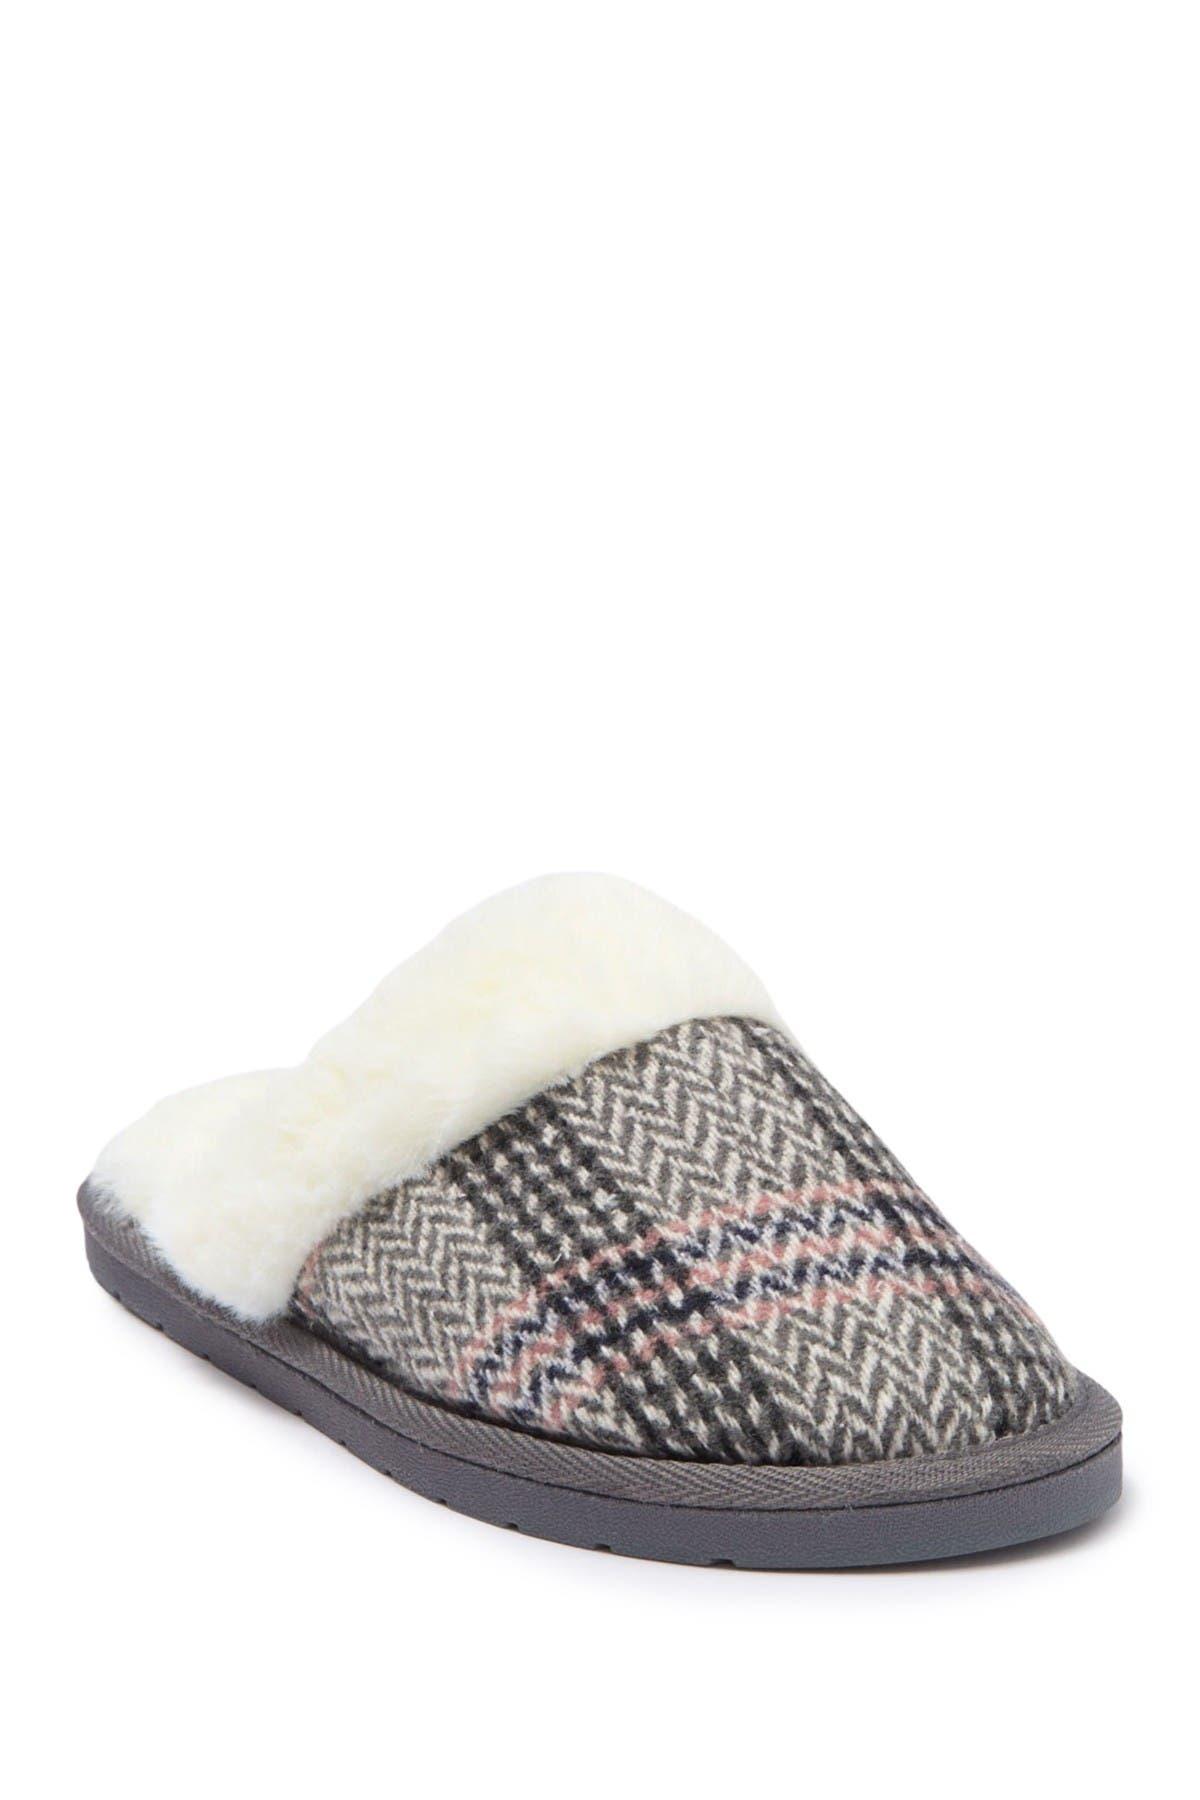 Image of Kensie Plaid Knit Slipper